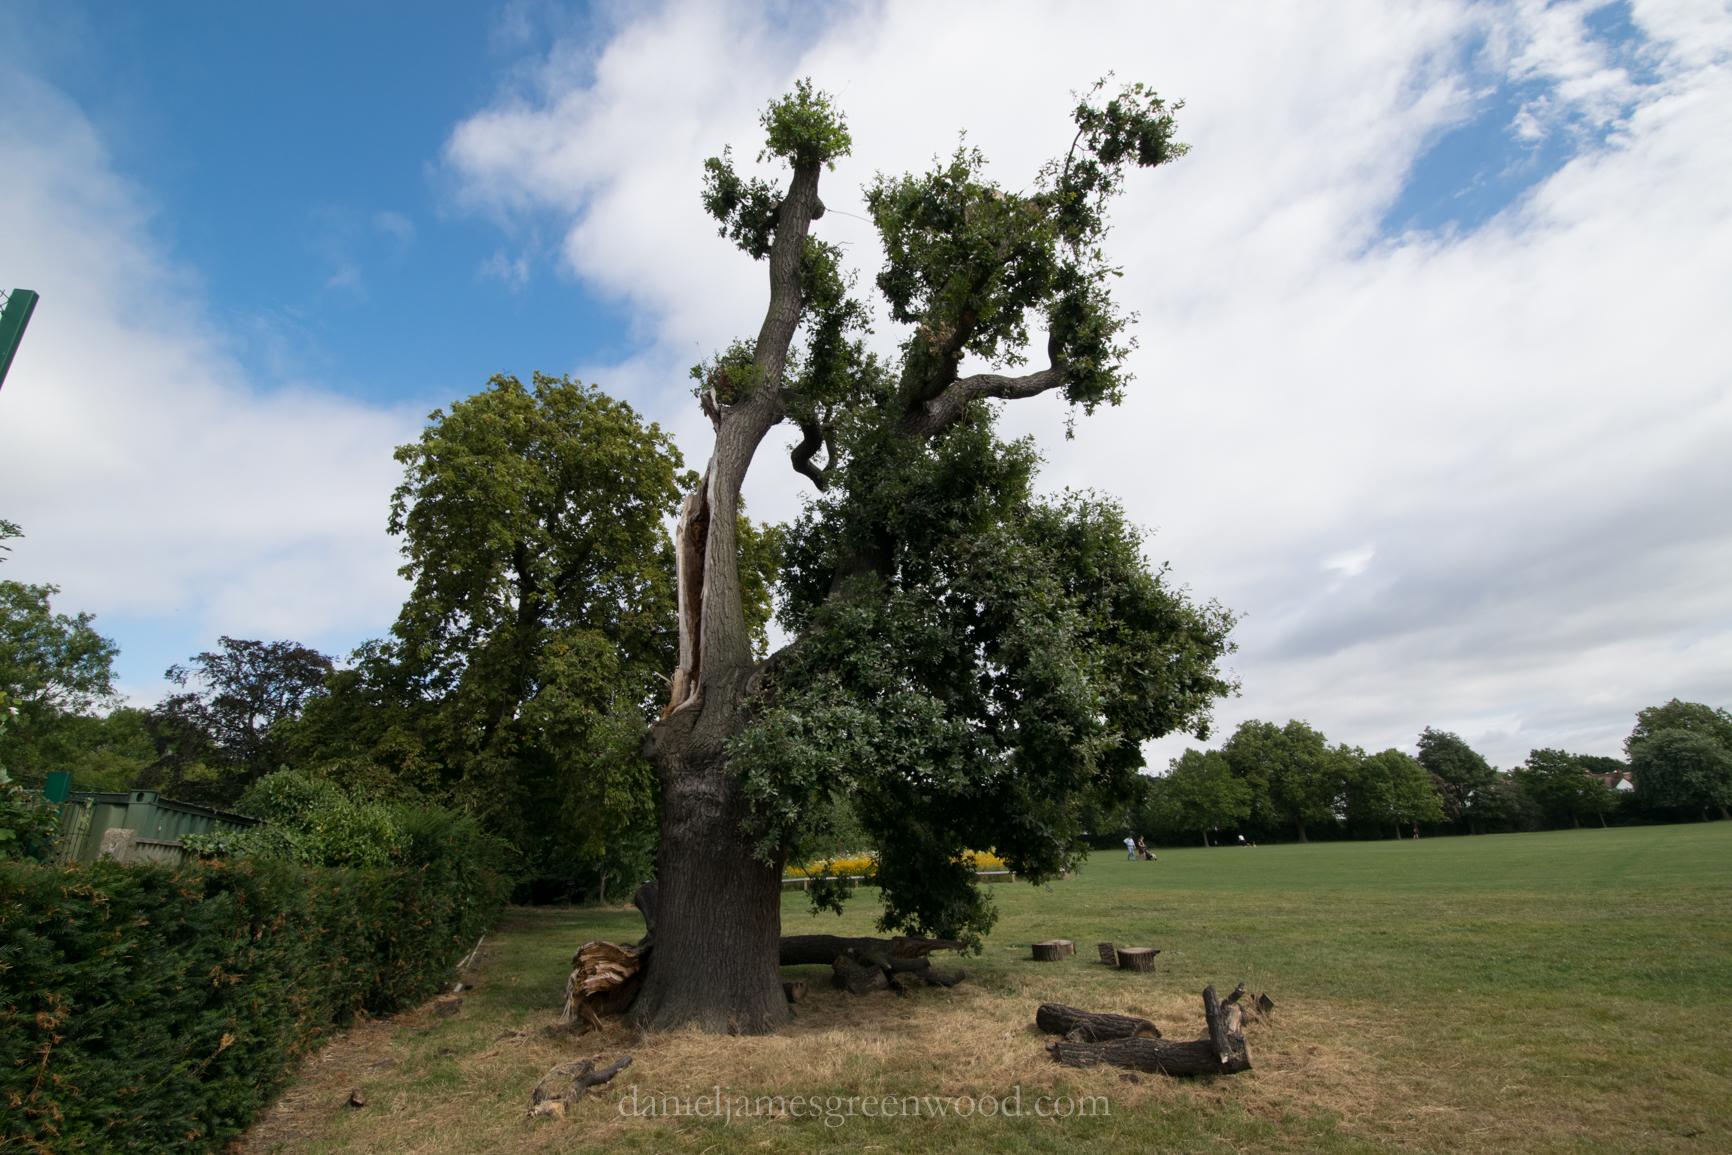 dulwich-park-oaks-22-8-16-lo-res-55